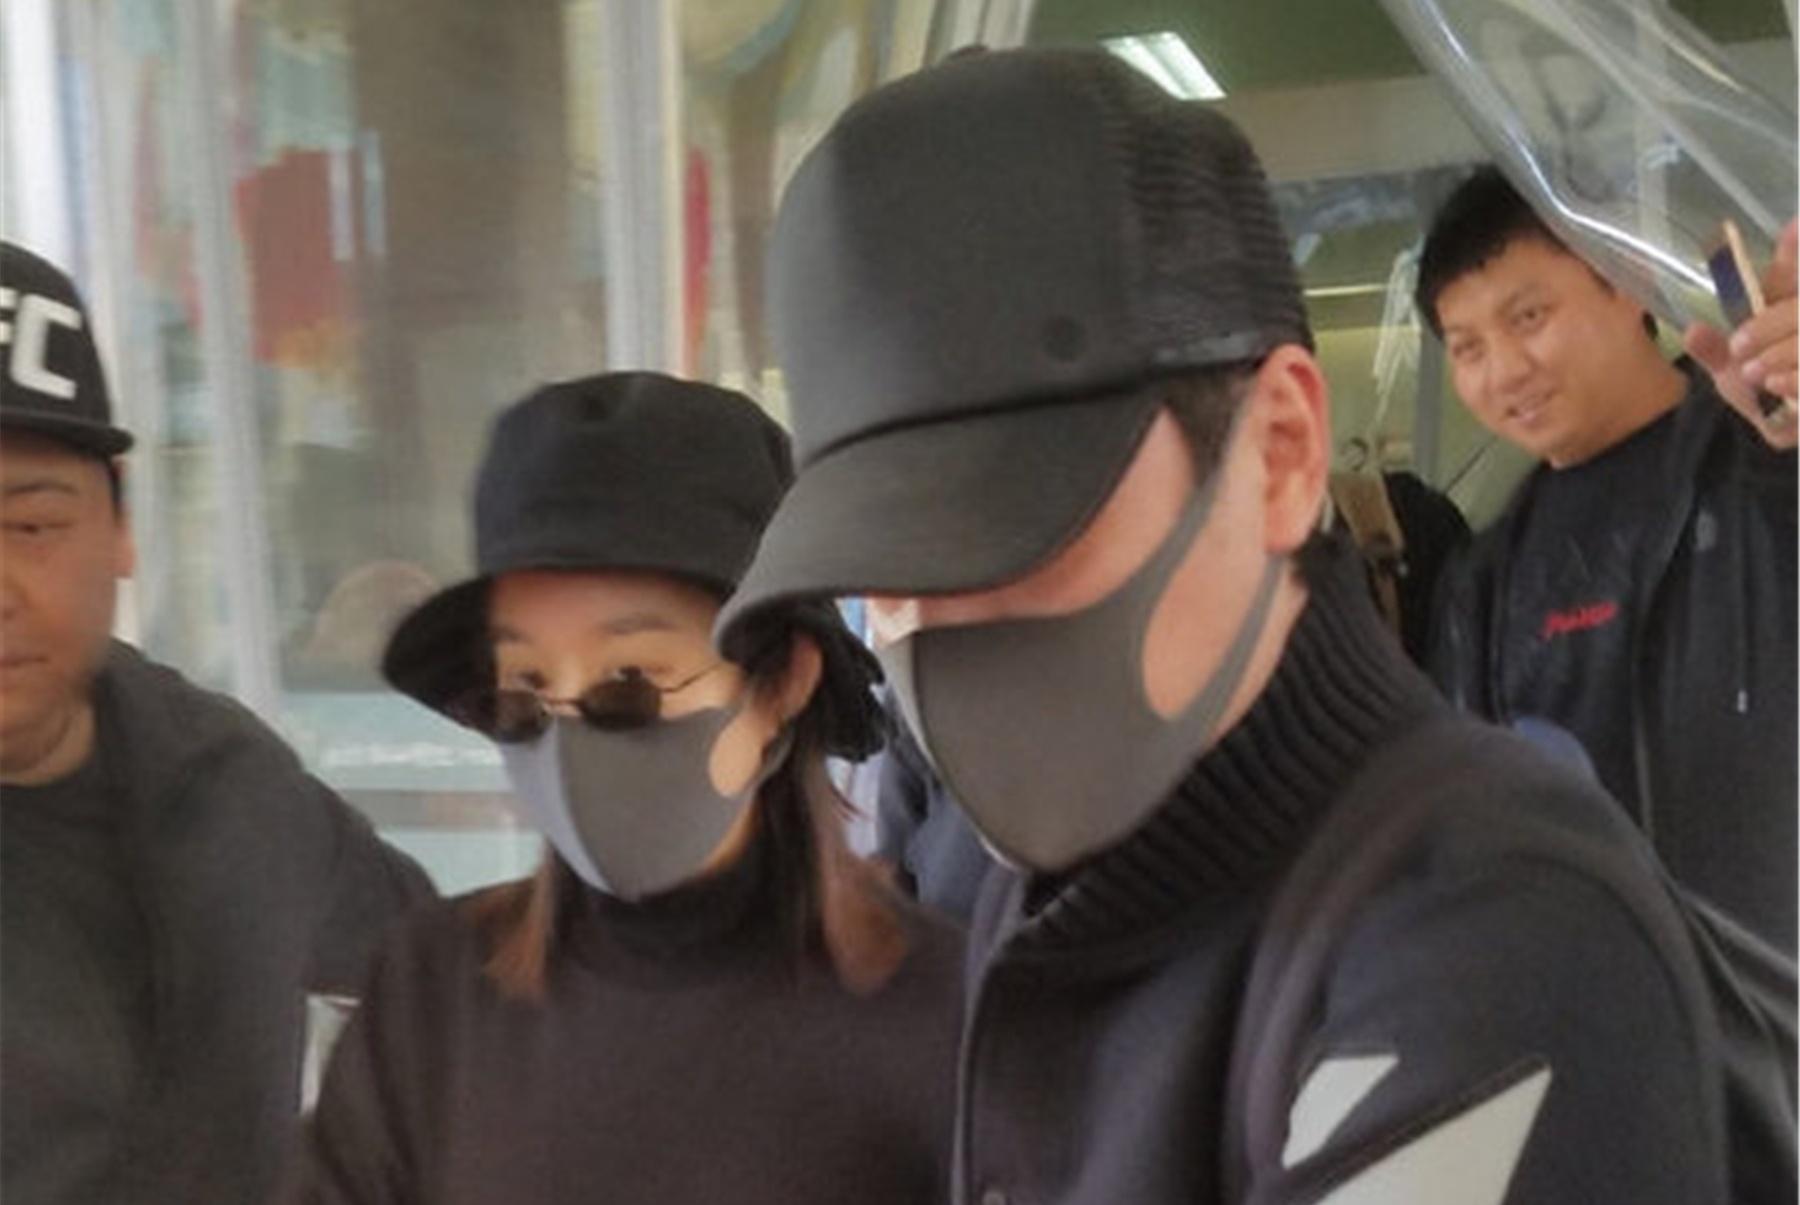 赵丽颖产后首次露面,冯绍峰全程搀扶妻子,儿子被紧抱怀里带出院